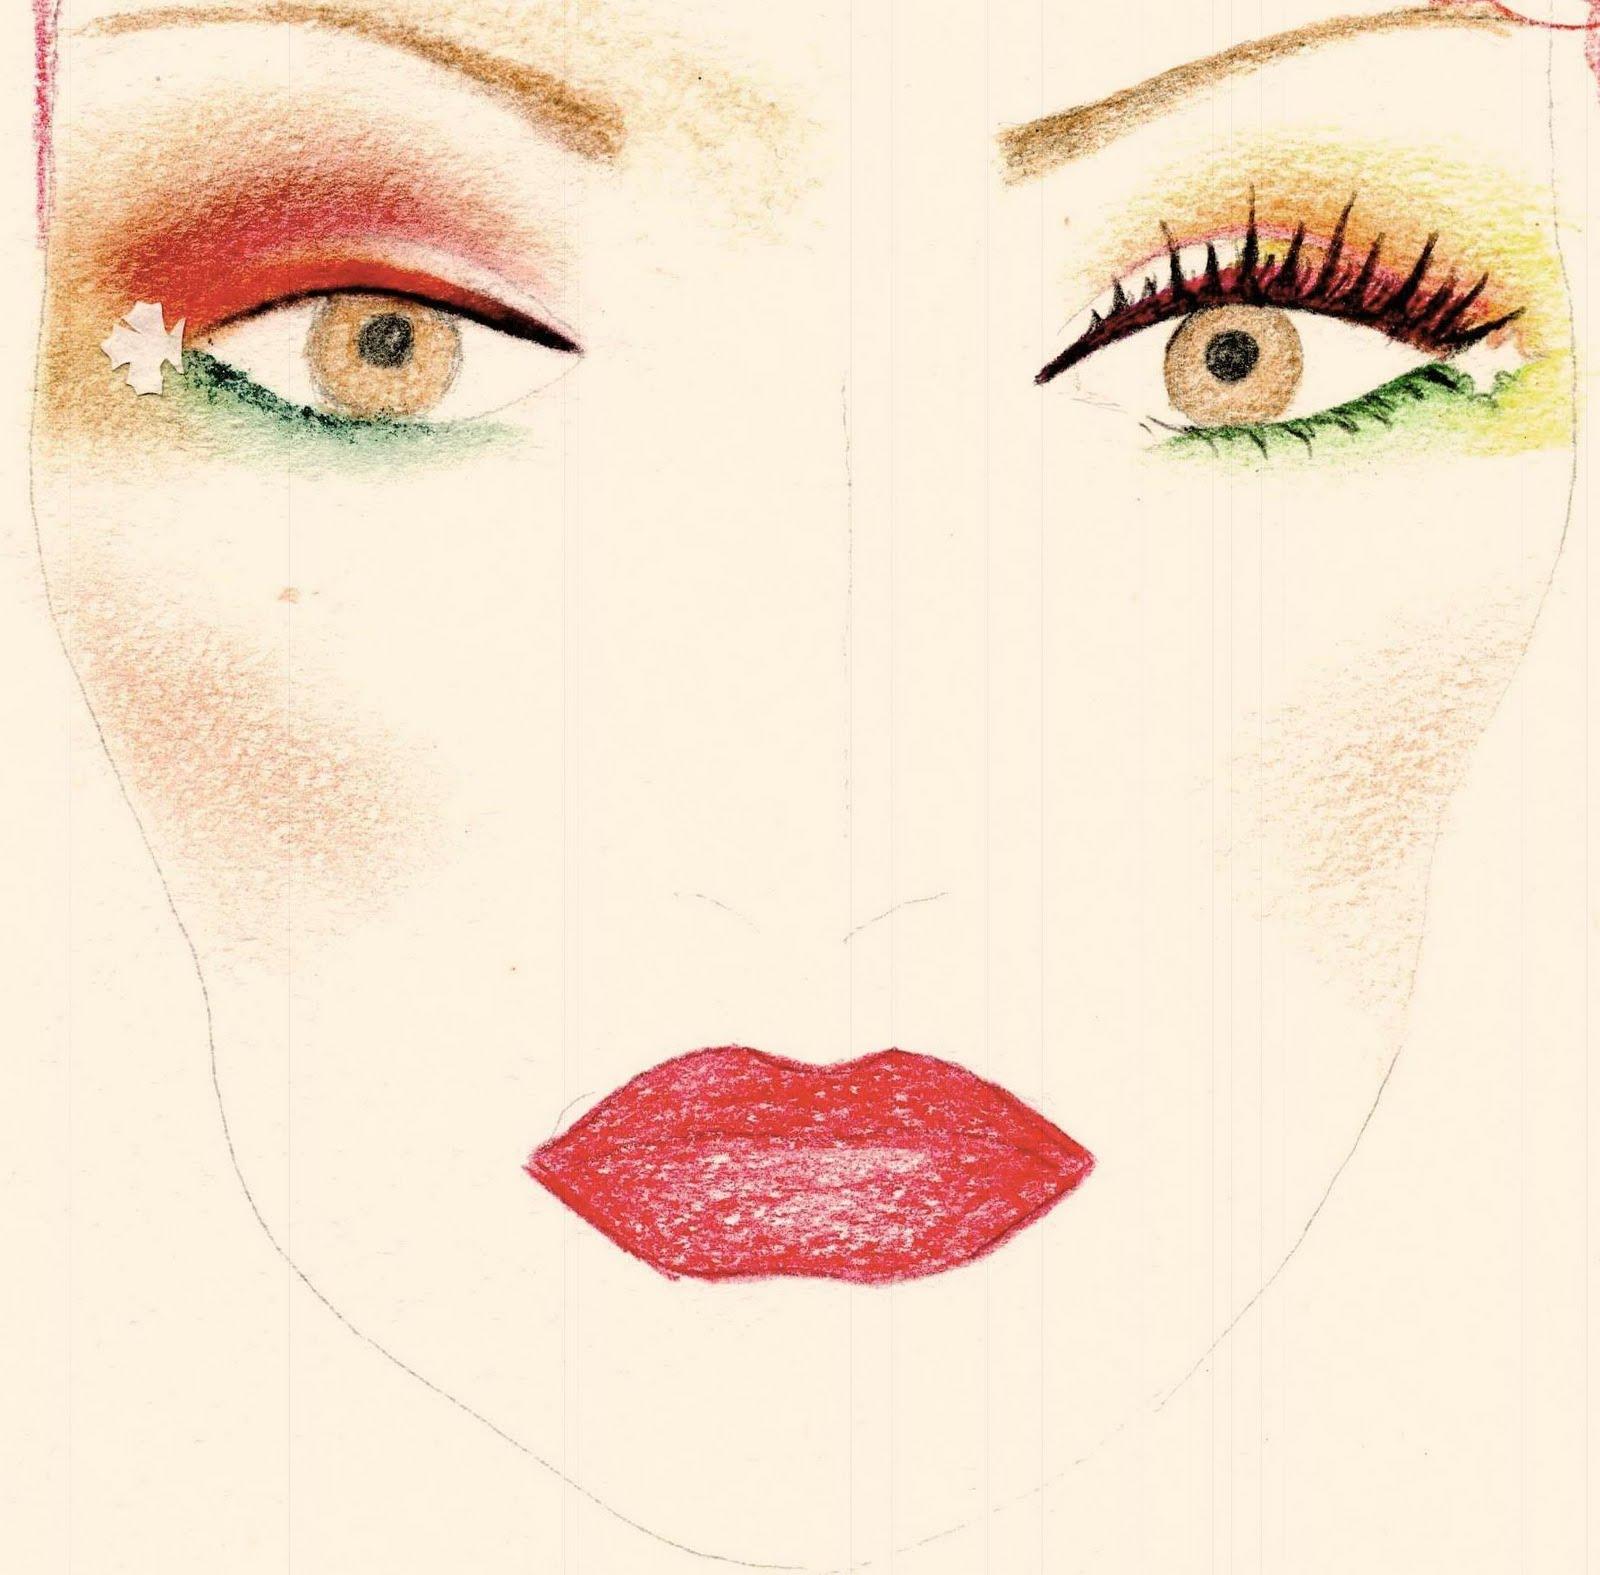 Как нарисовать на бумаге макияж